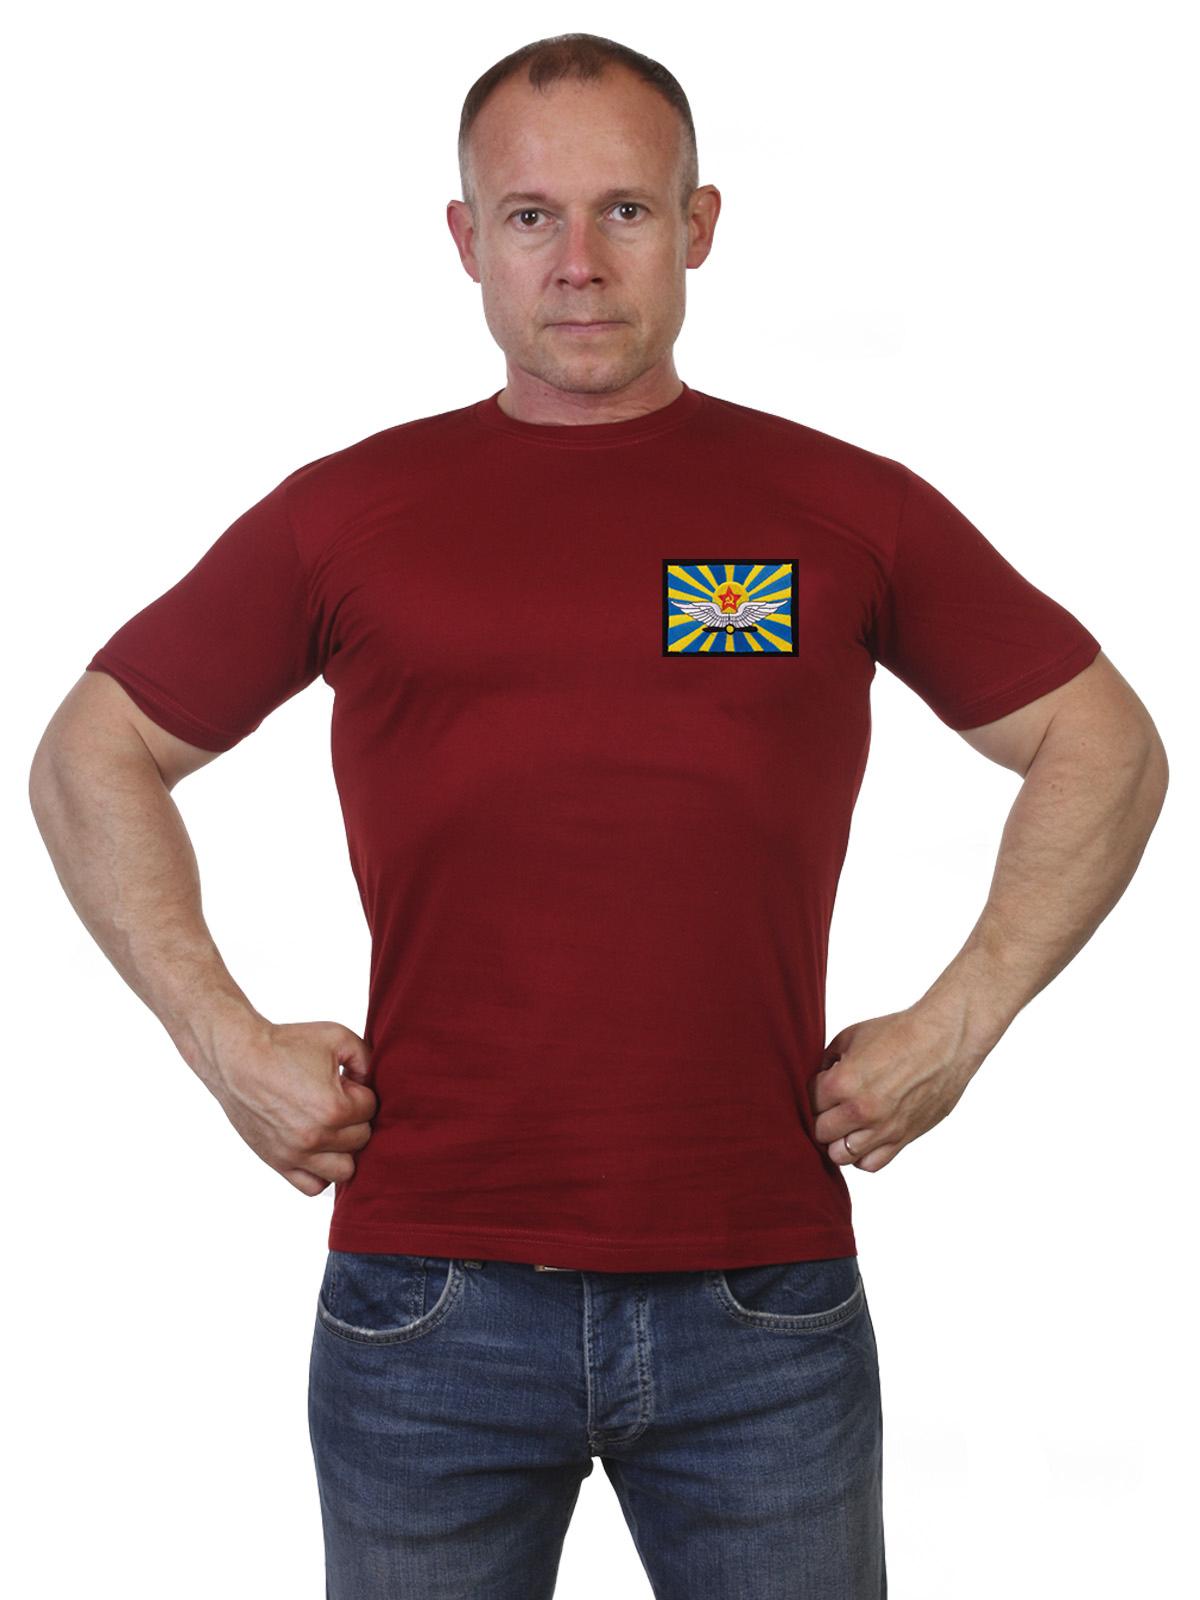 Заказать футболку ВВС